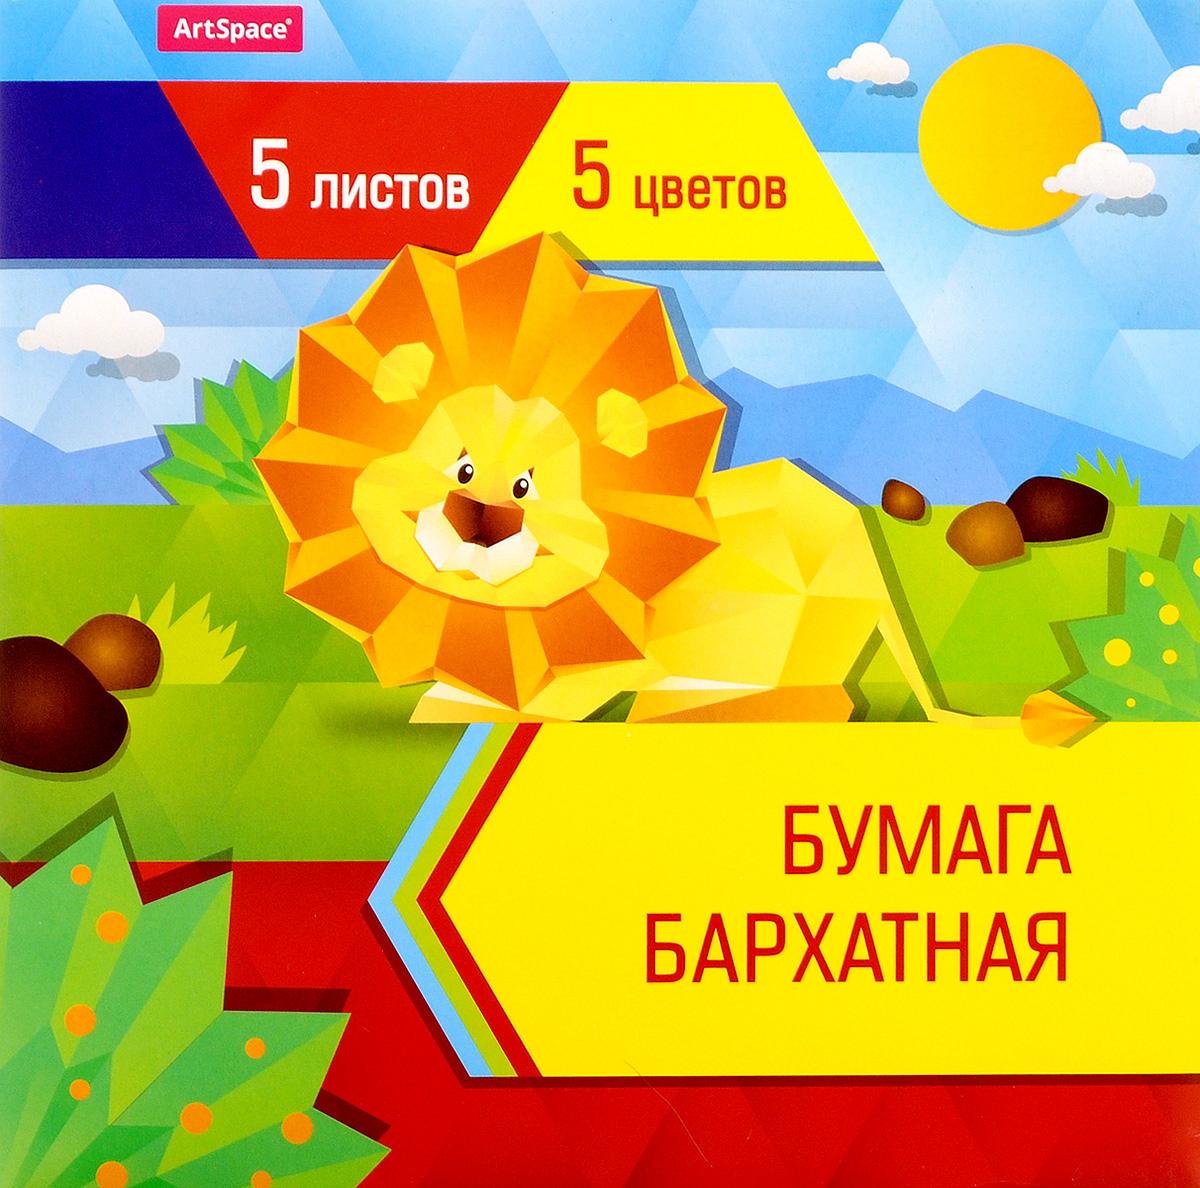 ArtSpace Цветная бумага бархатная 5 листов7708057_лимонныйБархатная цветная бумага ArtSpace идеально подходит для детского творчества: создания аппликаций, оригами и многого другого.В упаковке 5 листов бархатной бумаги 5 цветов. Бумага упакована в картонную папку.Детские аппликации из цветной бумаги - отличное занятие для развития творческих способностей и познавательной деятельности малыша, а также хороший способ самовыражения ребенка.